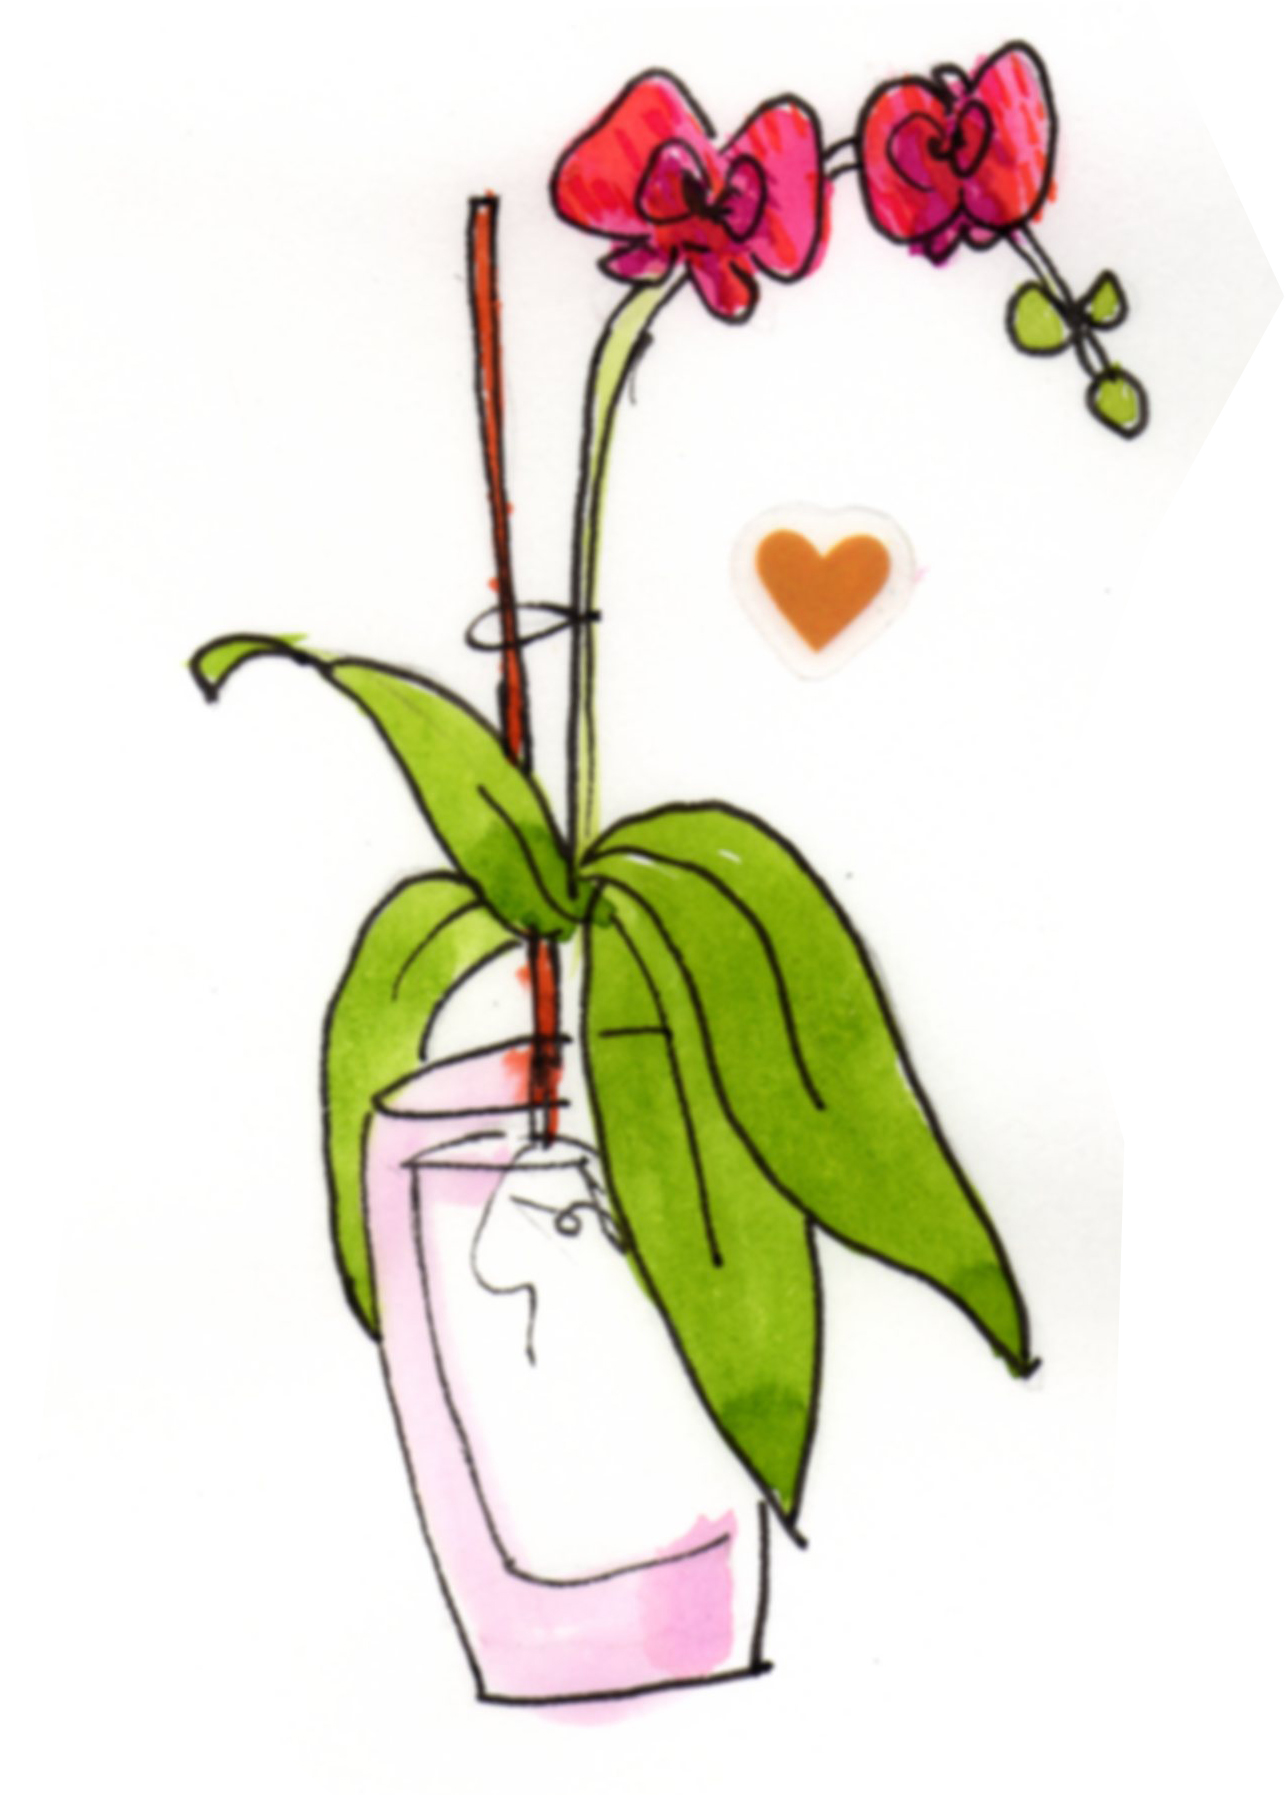 Come salvare le orchidee dall'inverno - Guida Giardino